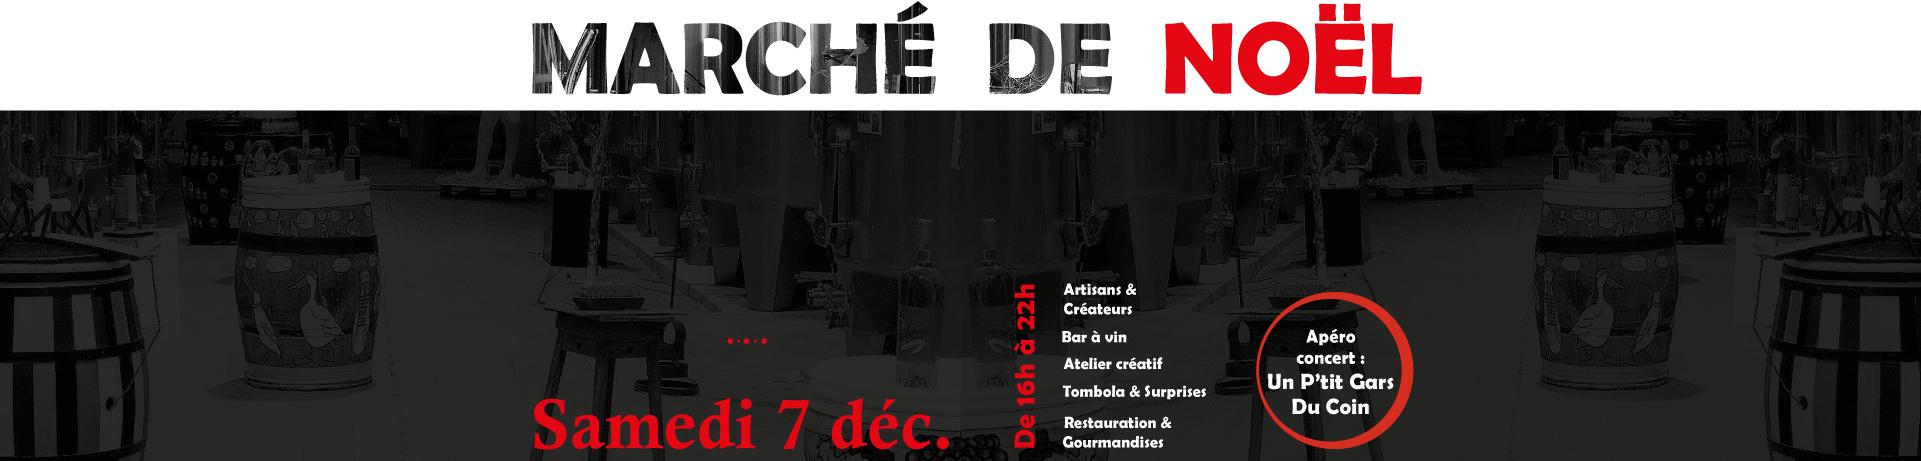 Marche de noel Chateau St-Sernin 2019